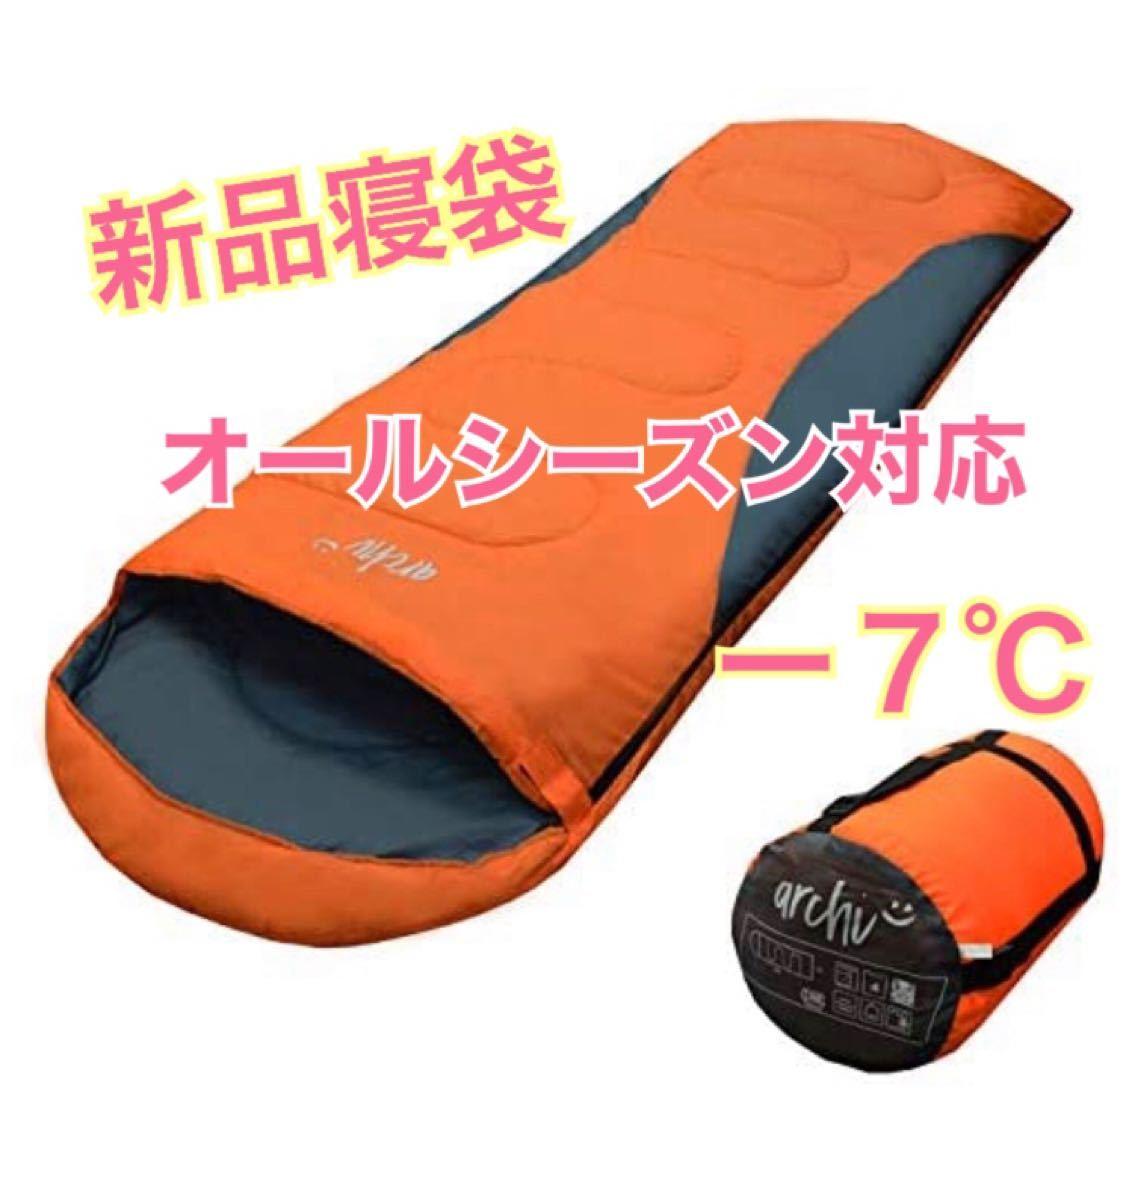 大人気 寝袋 オールシーズン -7℃ シュラフ 封筒型 釣り 登山 防災 車中泊 夜勤 キャンプ アウトドア ソロキャン オレンジ